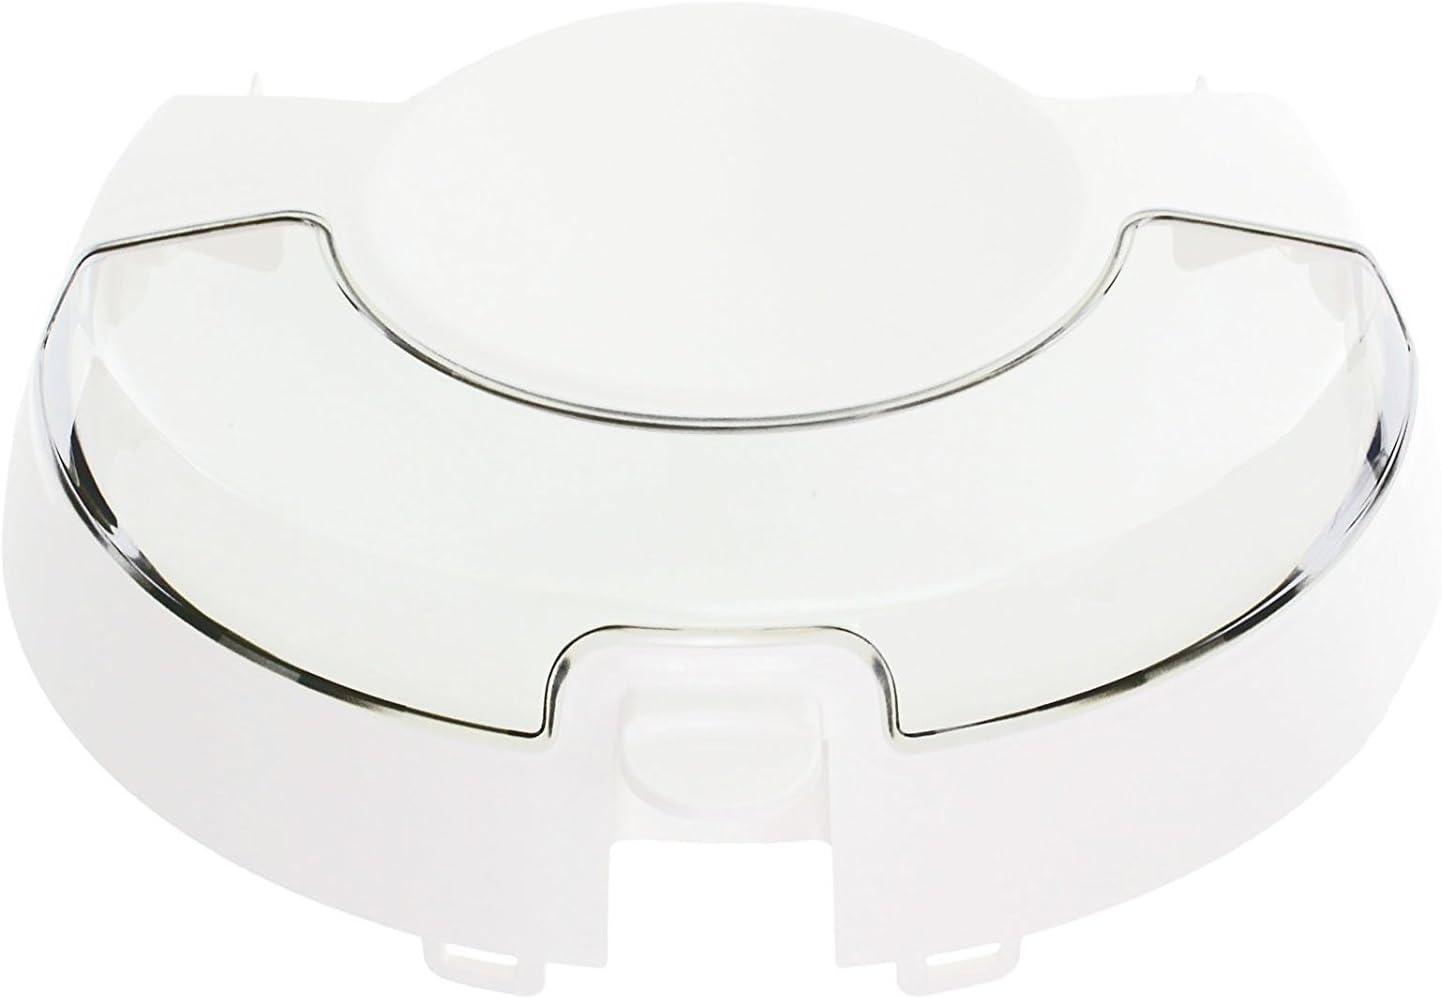 Tefal Actifry 65-TF-09 - Tapa para batidora de vaso, transparente ...